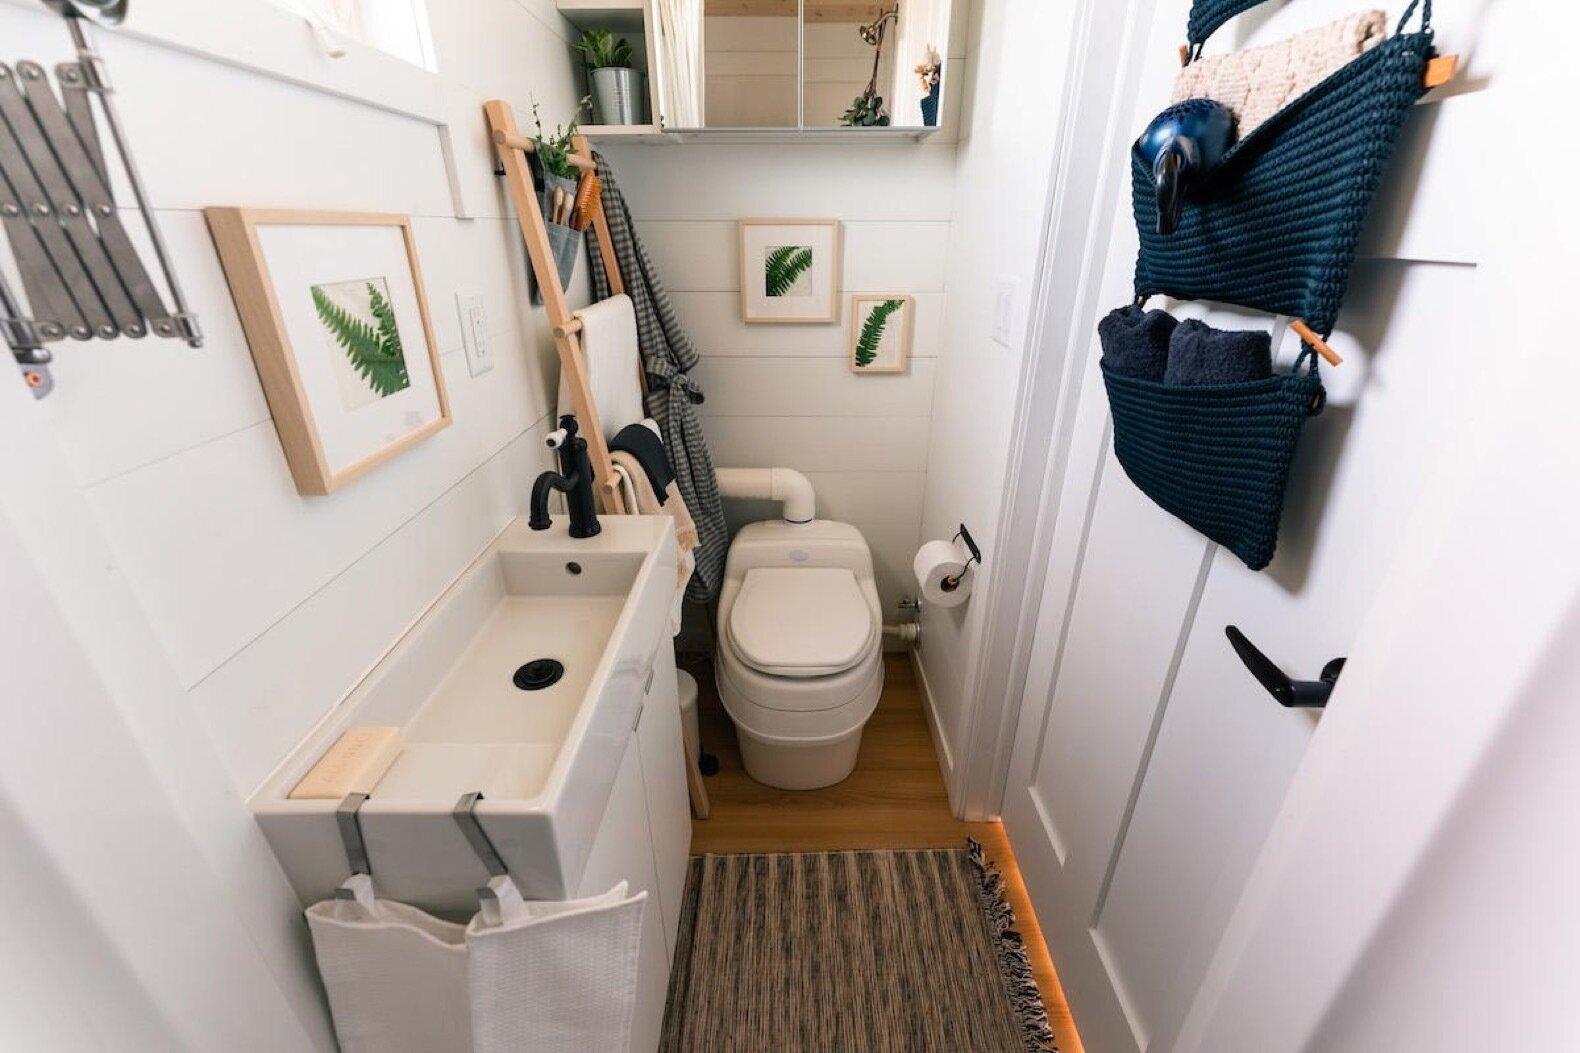 The IKEA Tiny Home Project bathroom